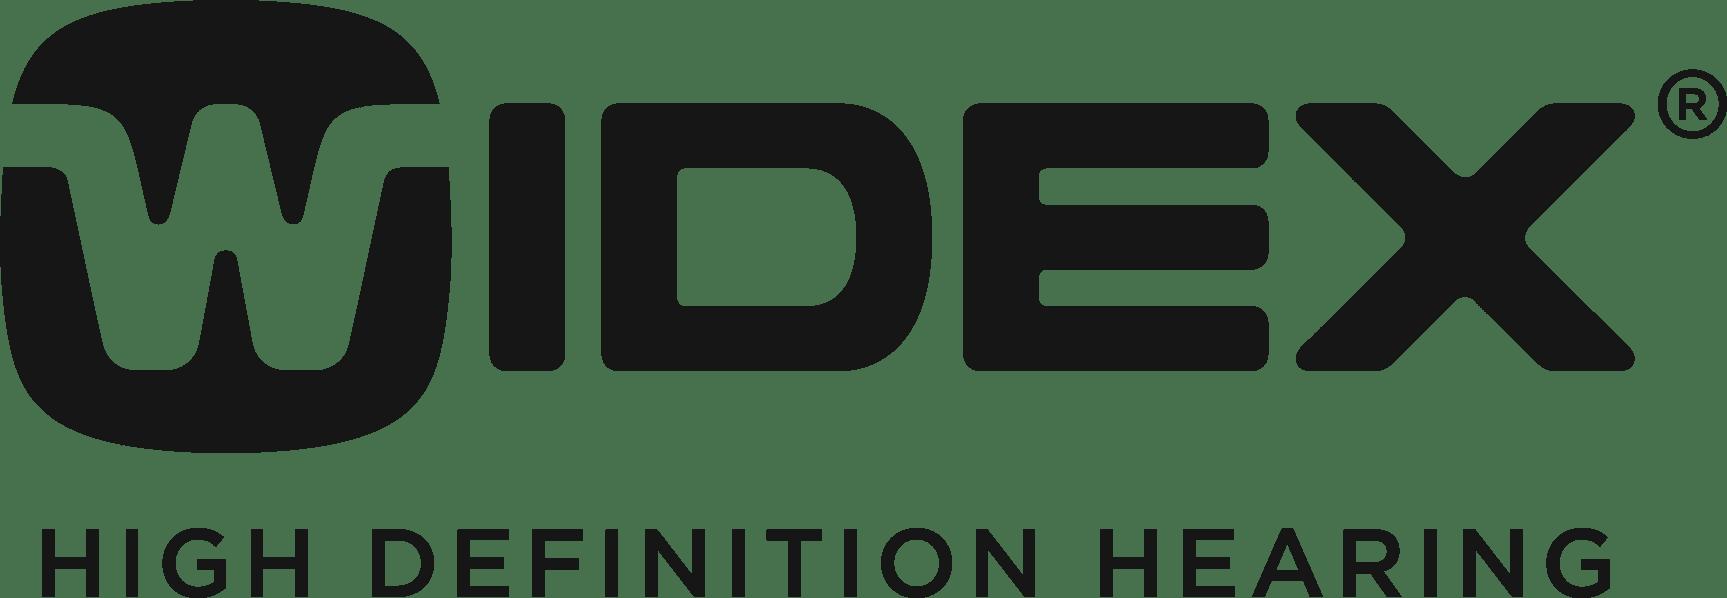 Widex Hearing Aids Logo